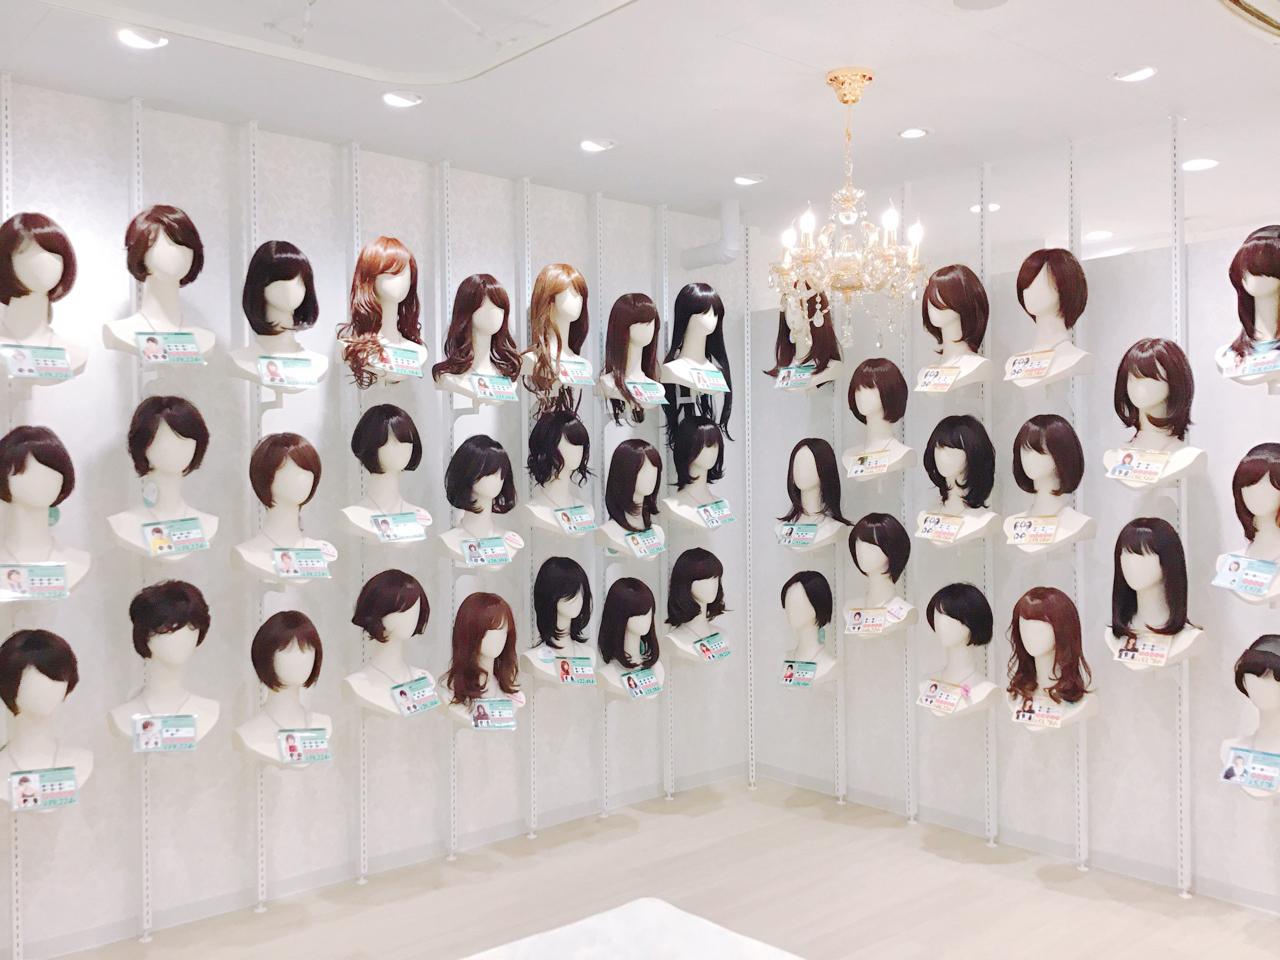 名古屋サロン店舗画像04 ウィッグ展示